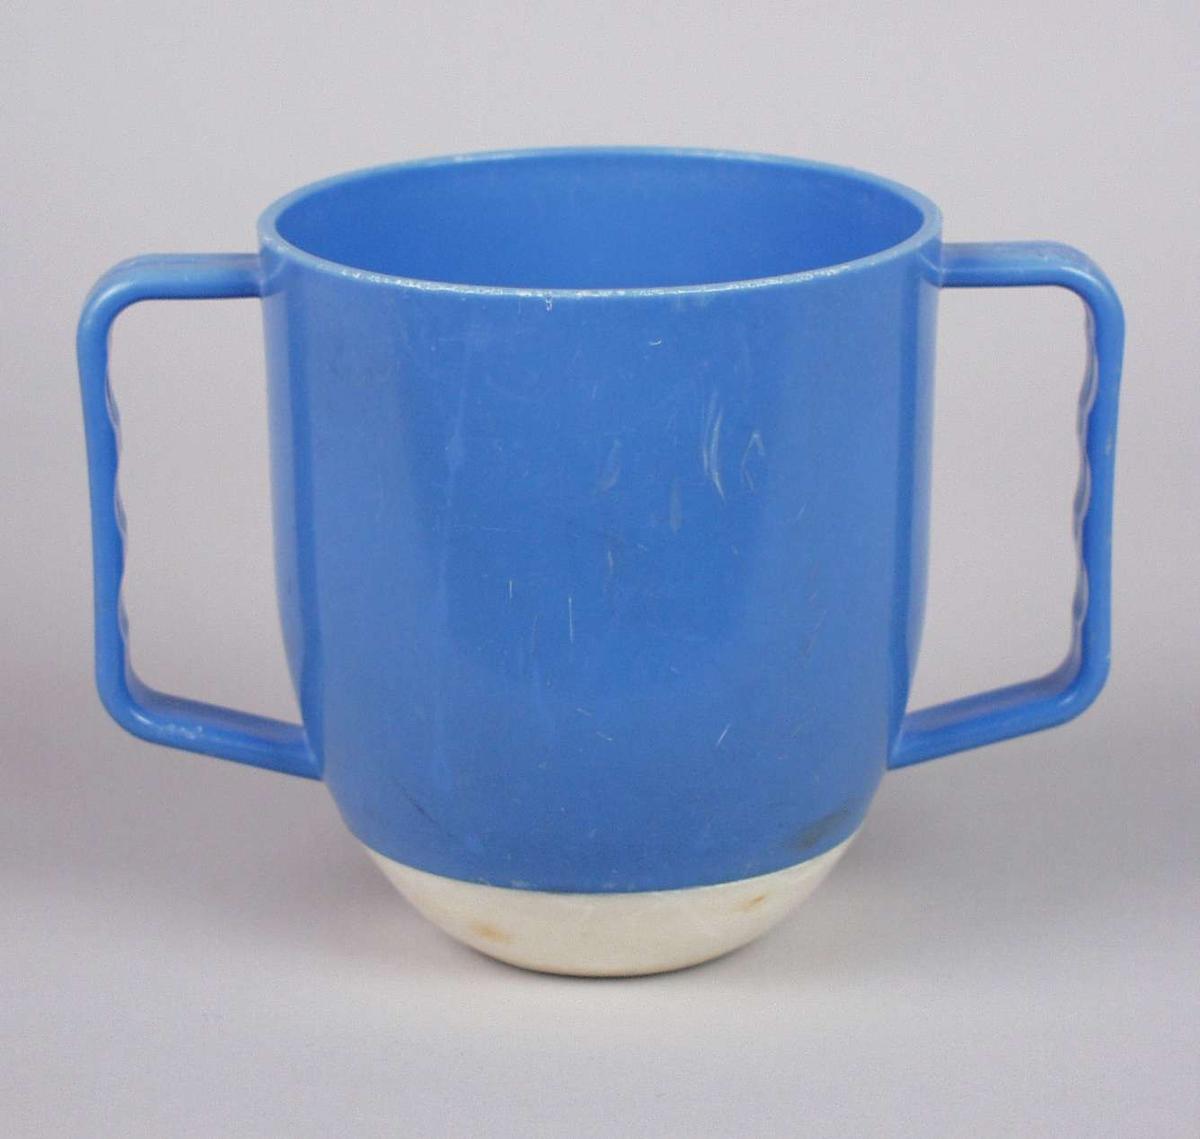 Veltesikker barnekopp i blå plast med hvit bunn. Koppen har to hanker.